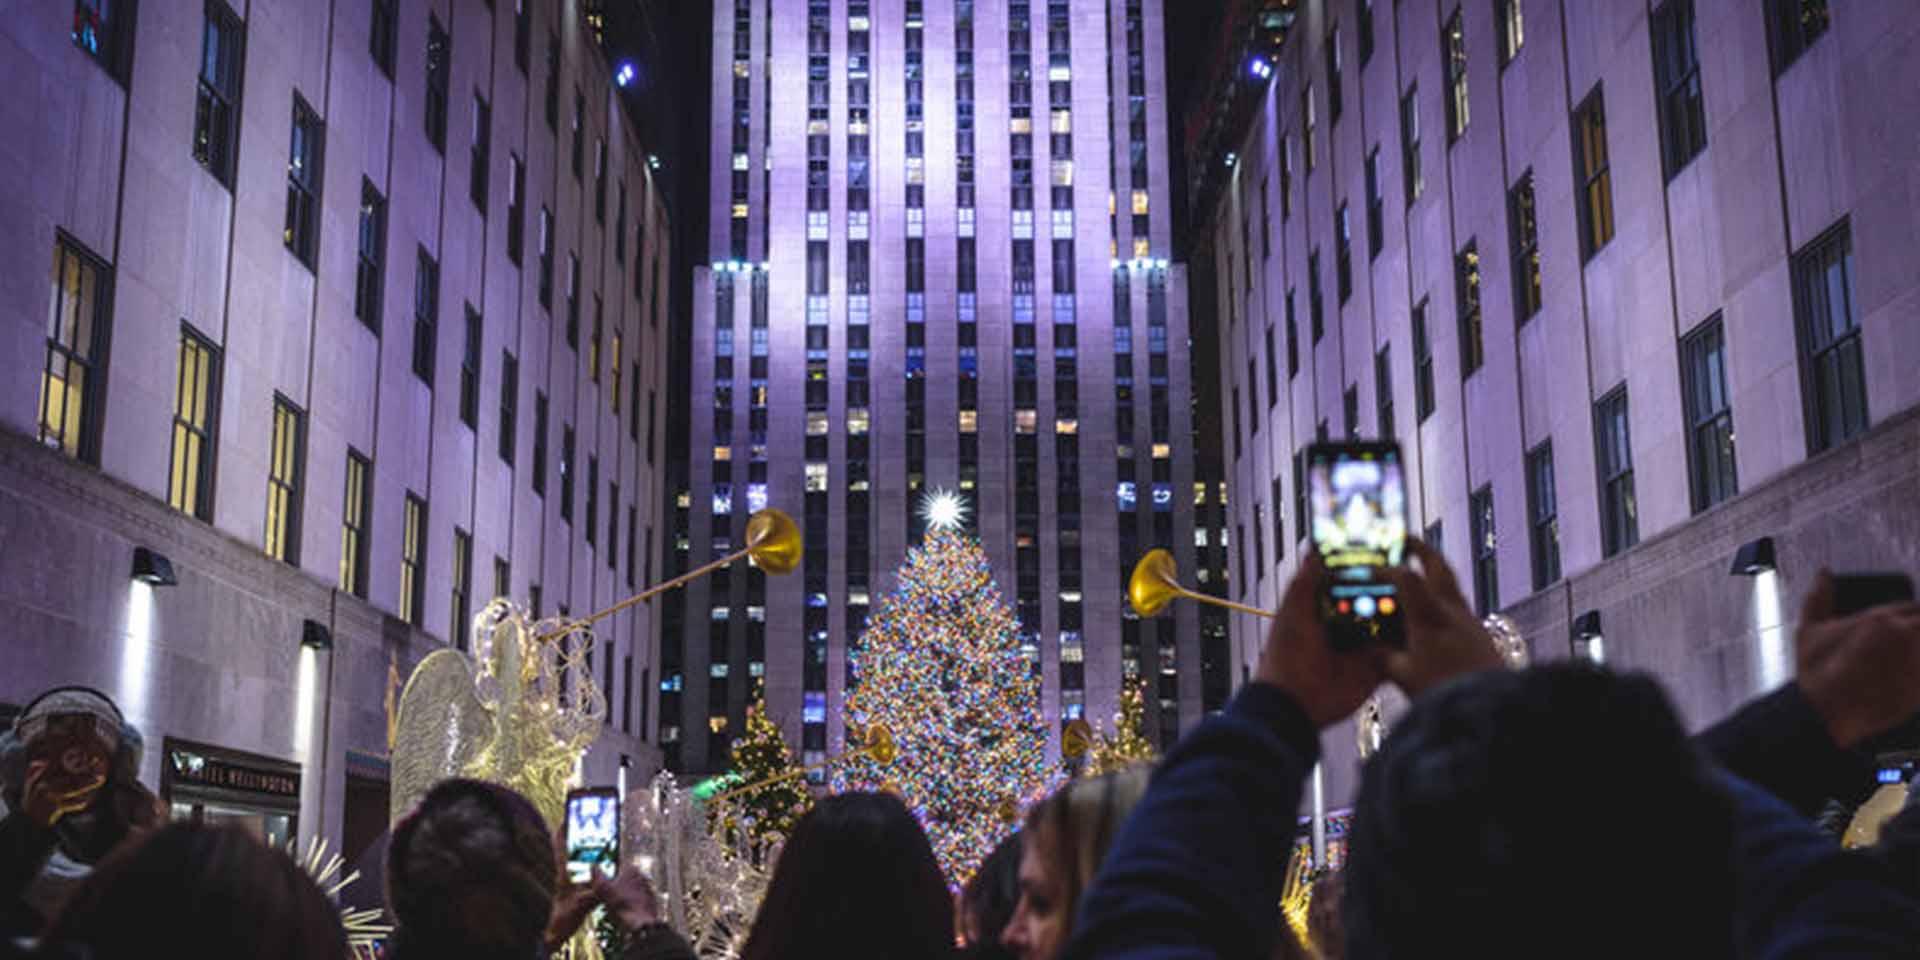 rockefeller-center-christmas-tree-lighting-ceremony-161103163843001